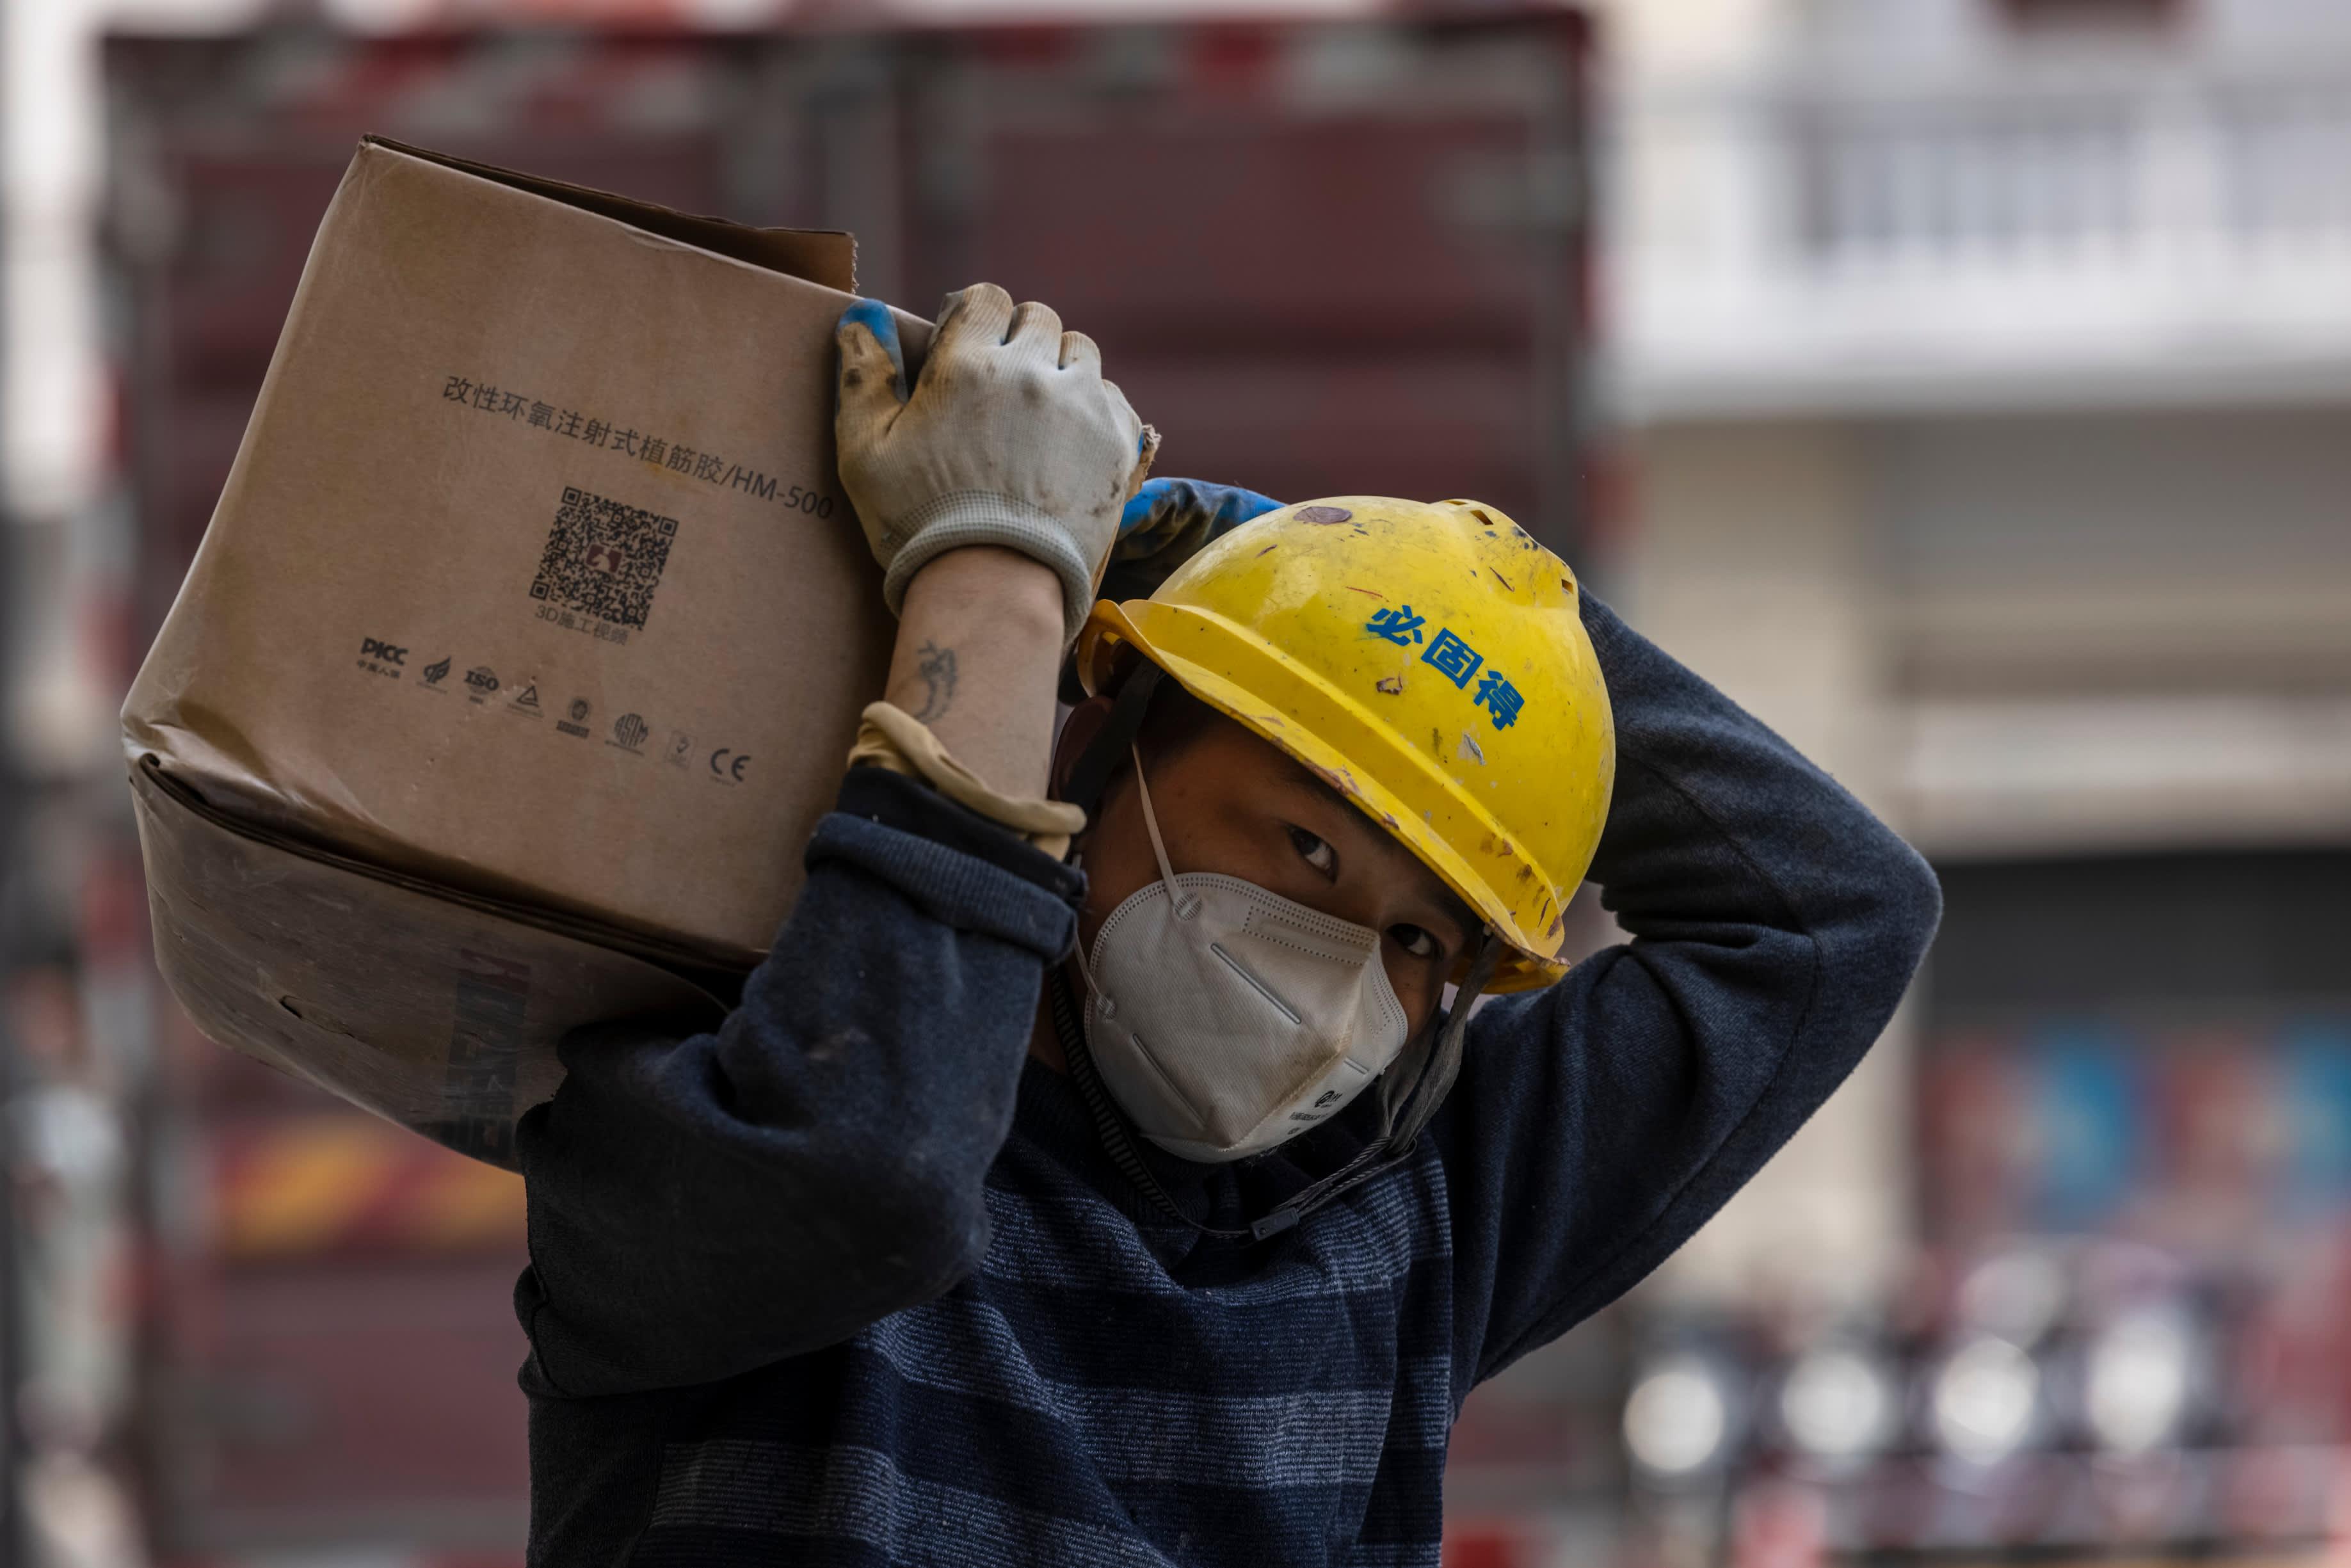 Kiinassa talous kasvaa, mutta ei enää niin kohisten kuin alkuvuonna. Kuvassa rakennustyömies Shanghaissa huhtikuussa.